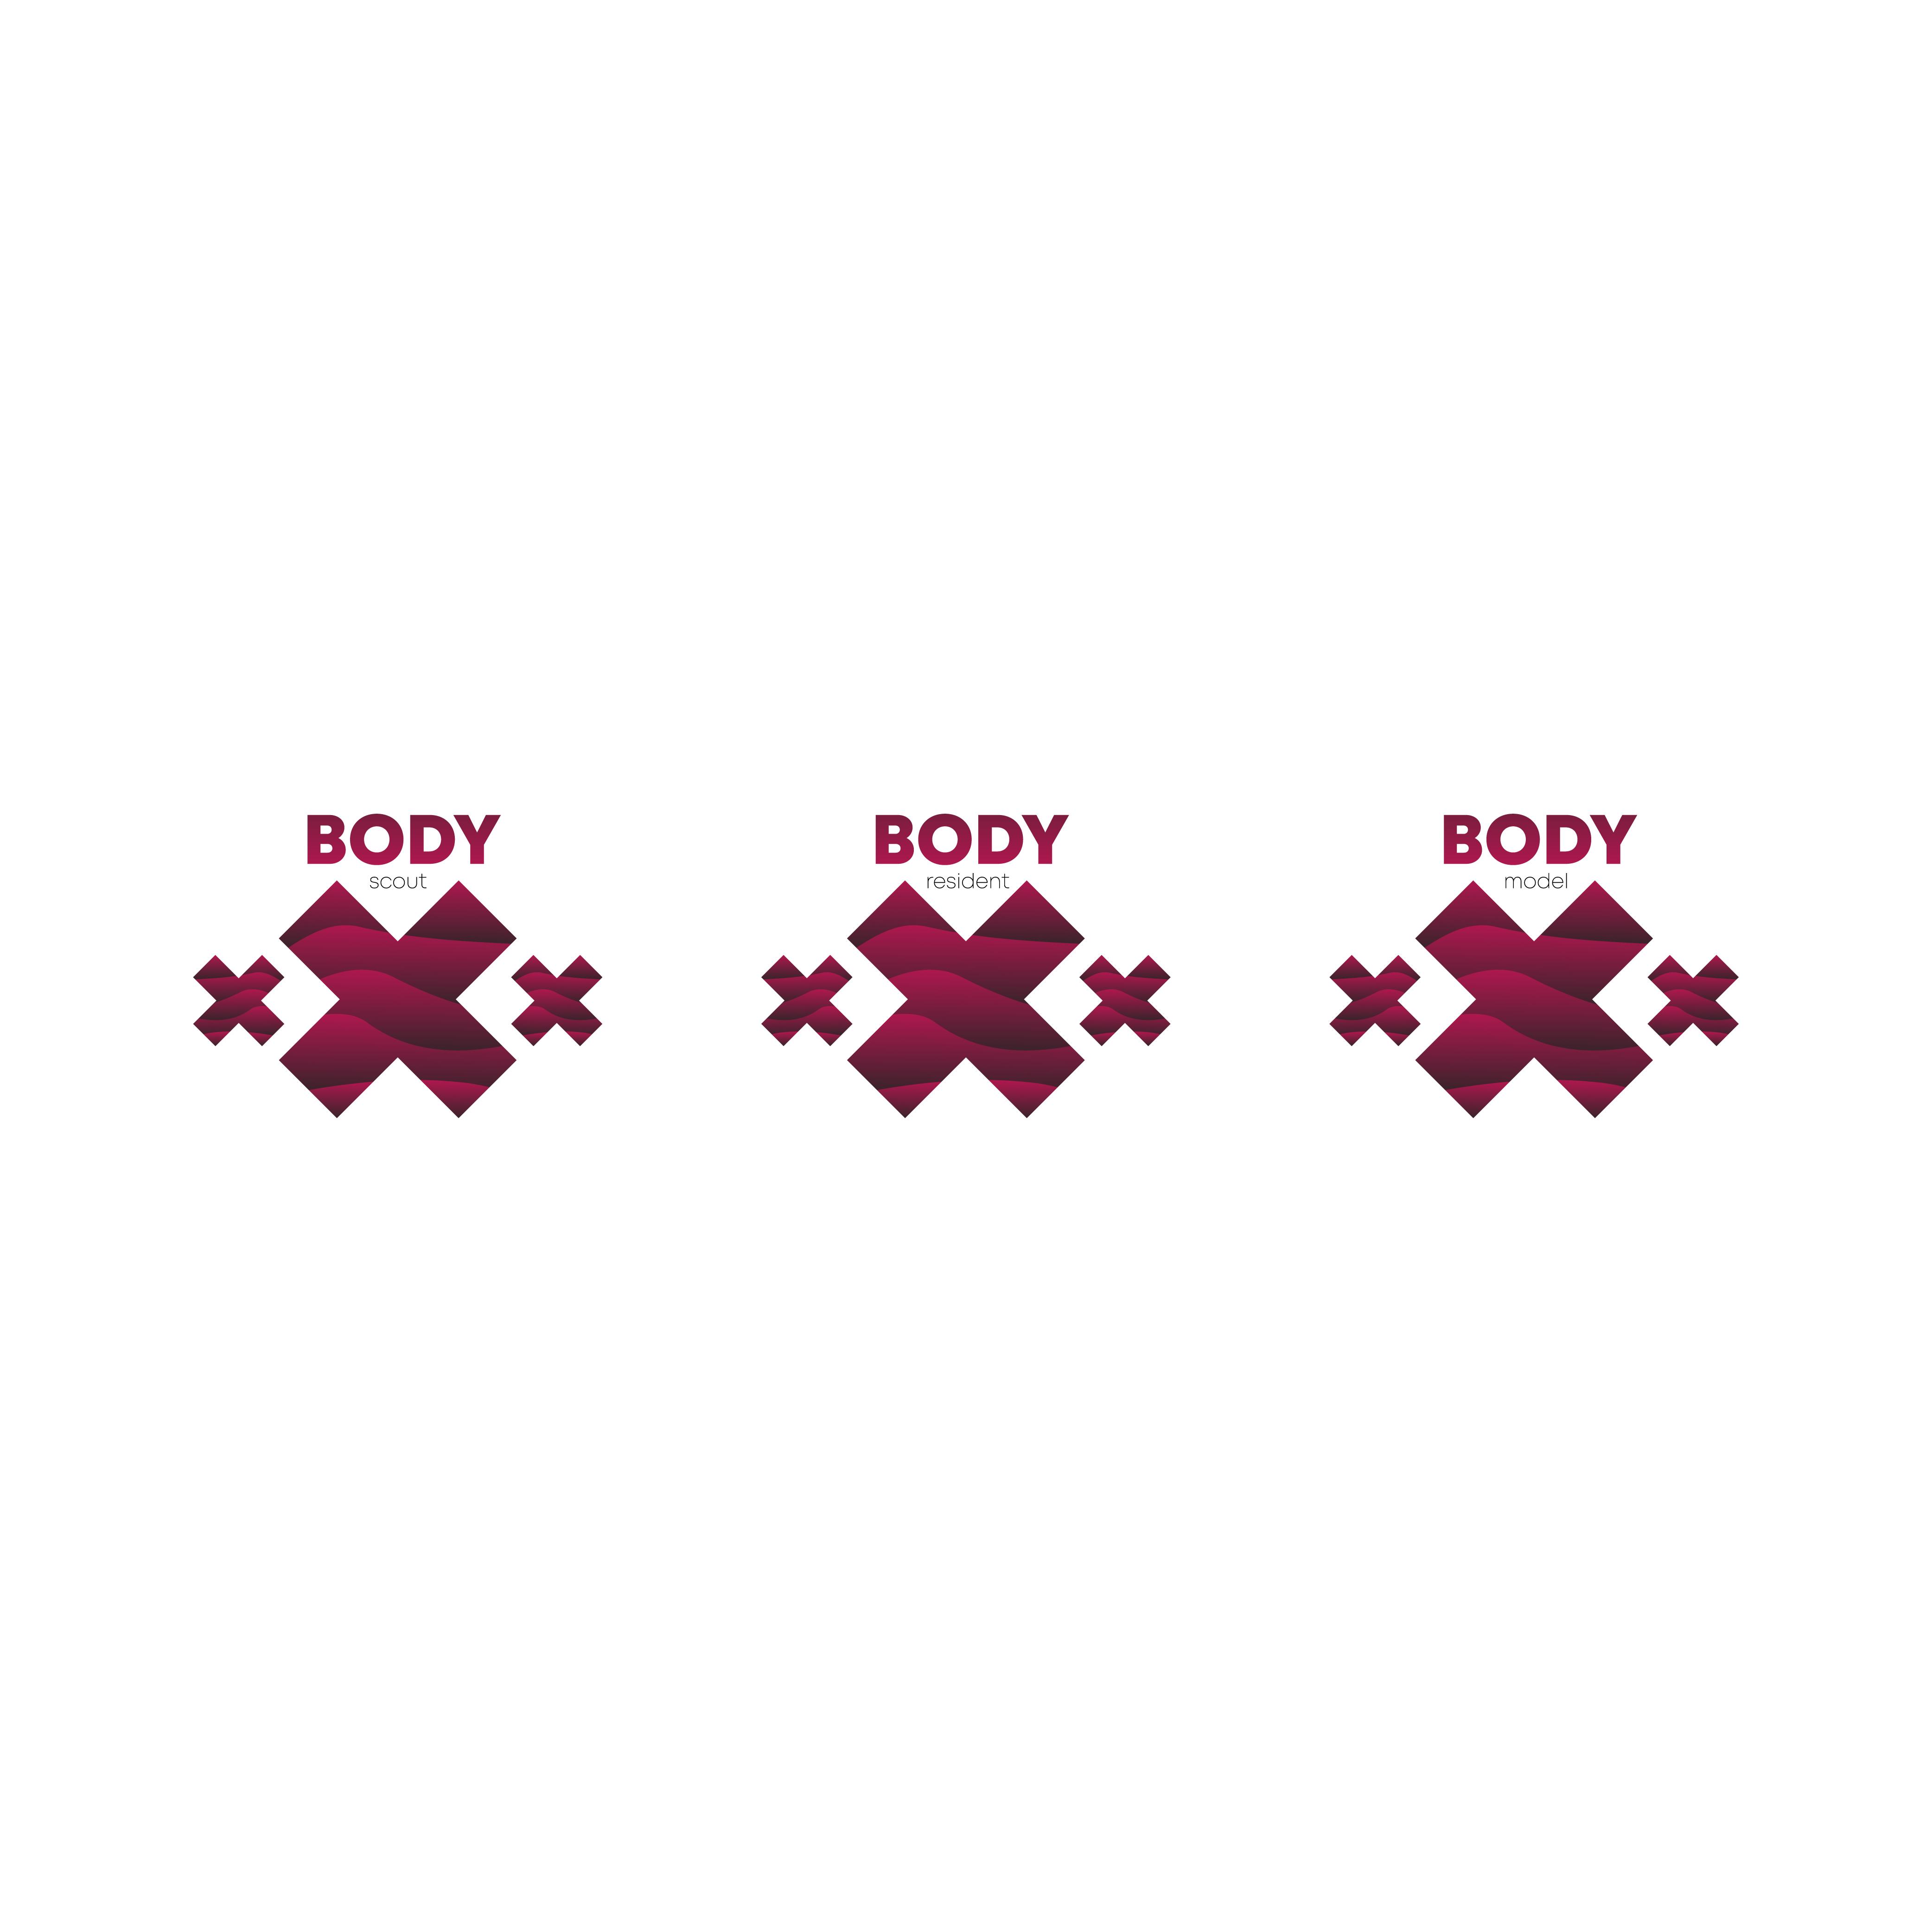 Разработка логотипа (видеоблог для моделей) фото f_5715b2273453dbfd.jpg